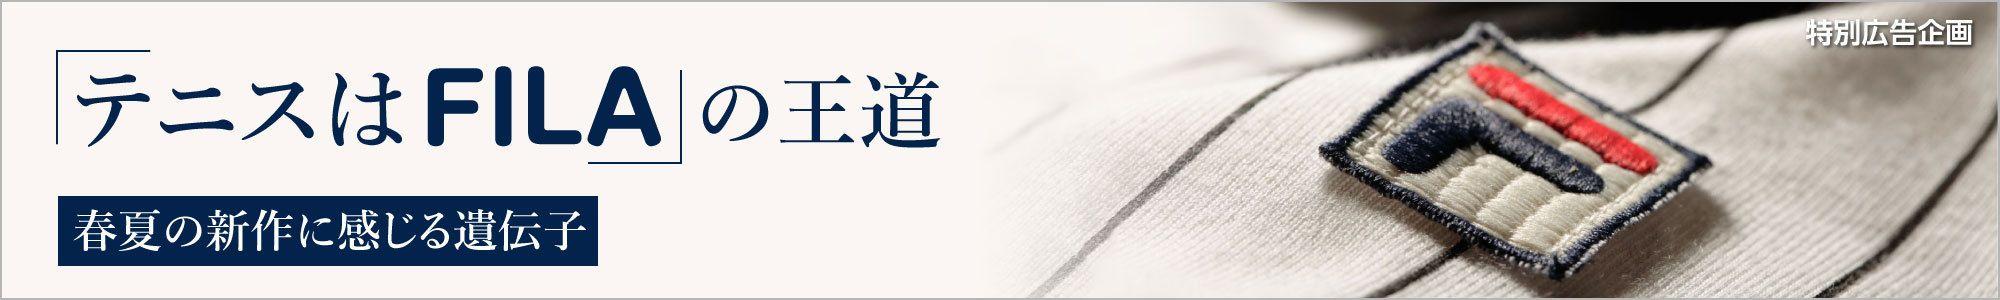 伊藤忠商事